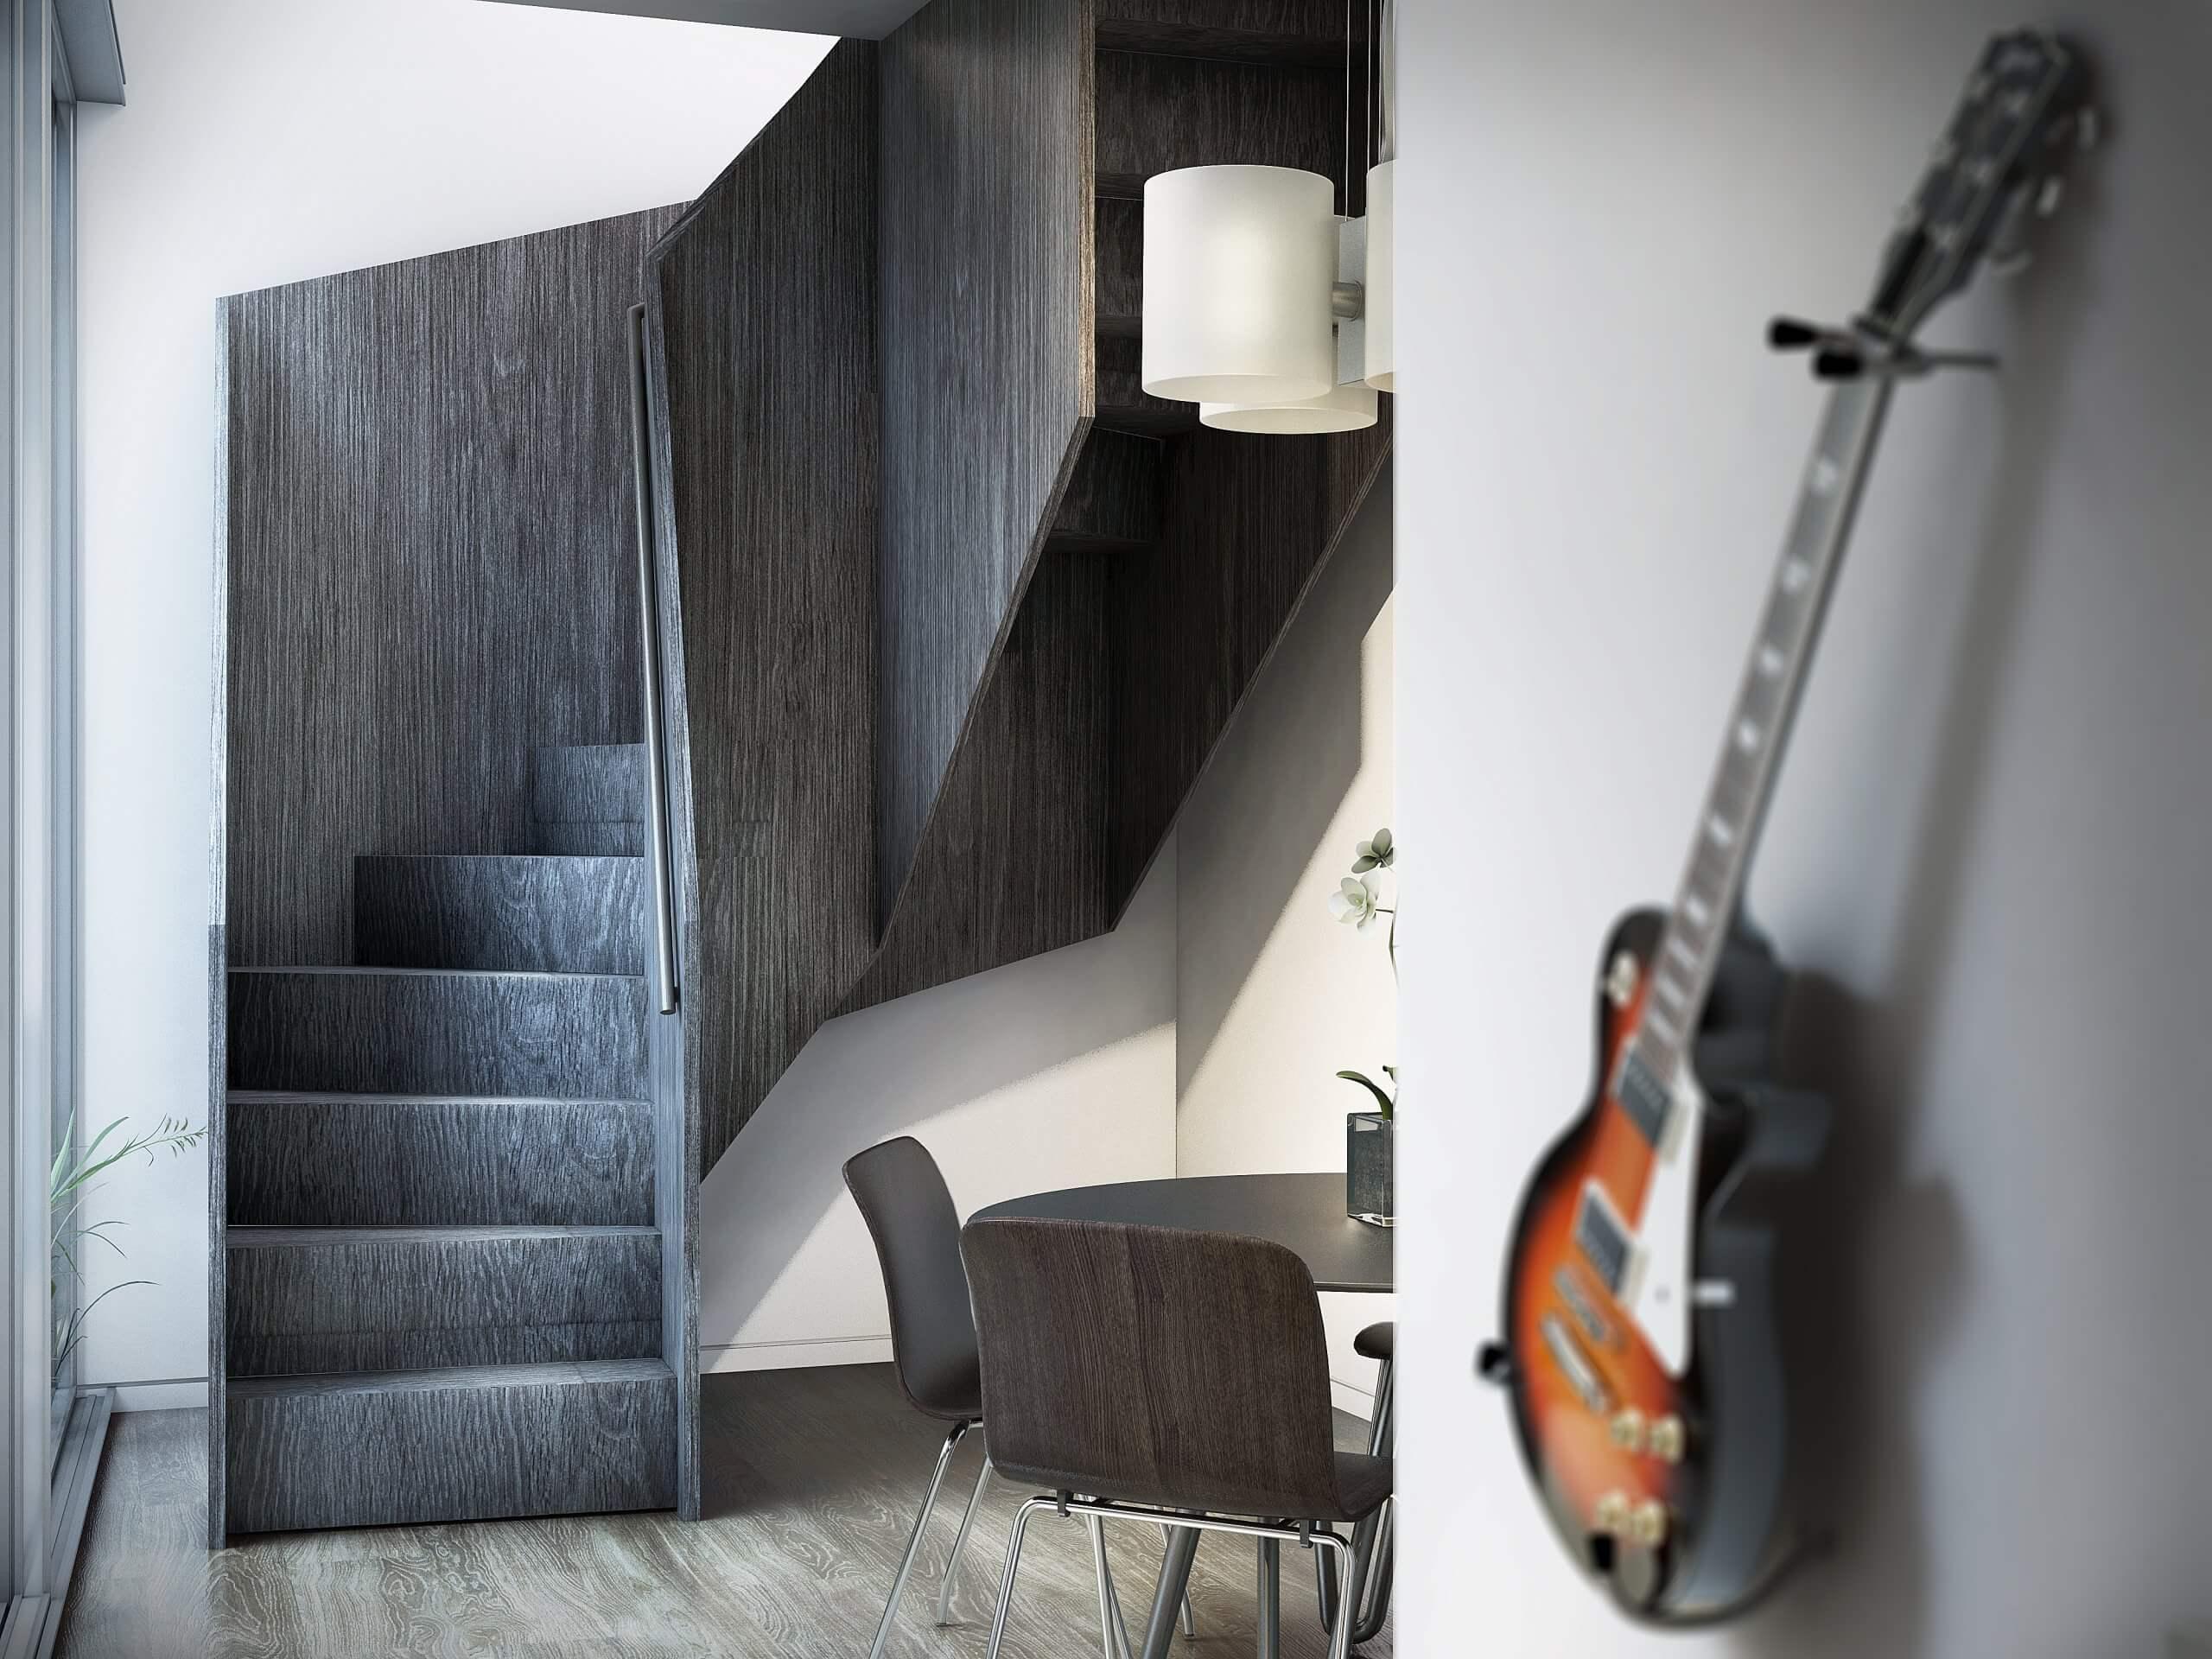 LEE01-1-Guitar-Vignette-01